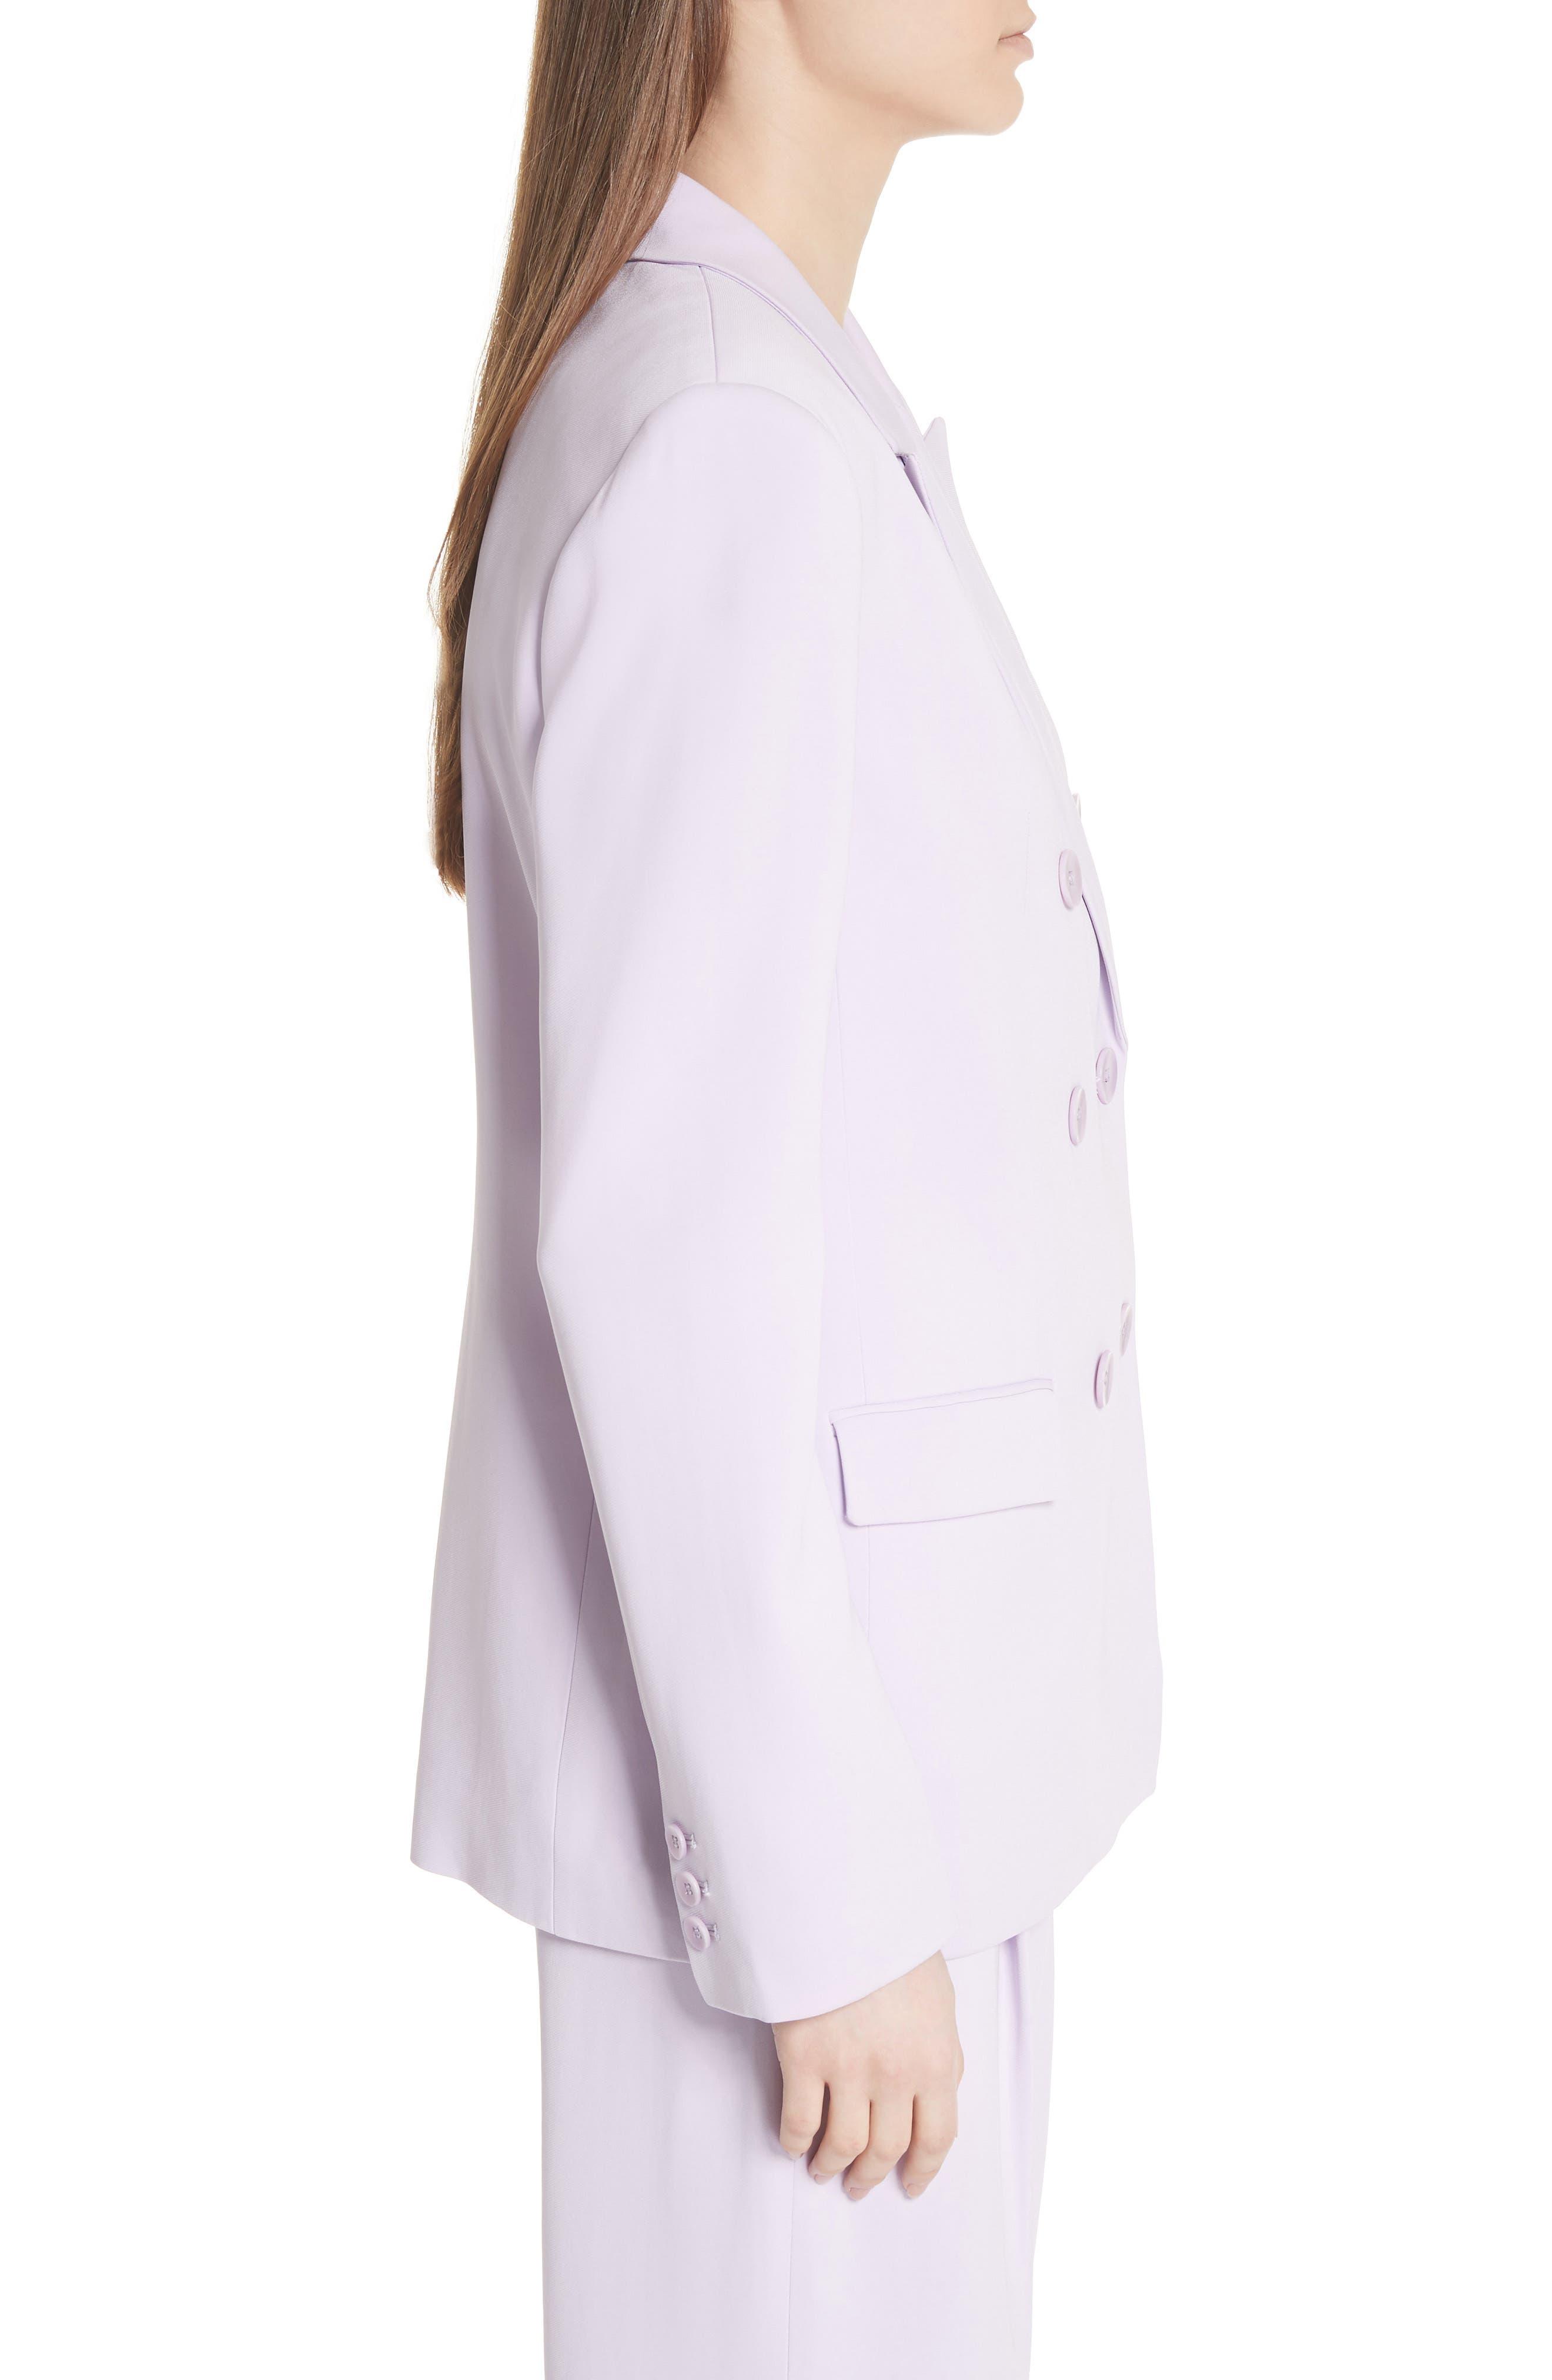 Steward Suit Jacket,                             Alternate thumbnail 3, color,                             531